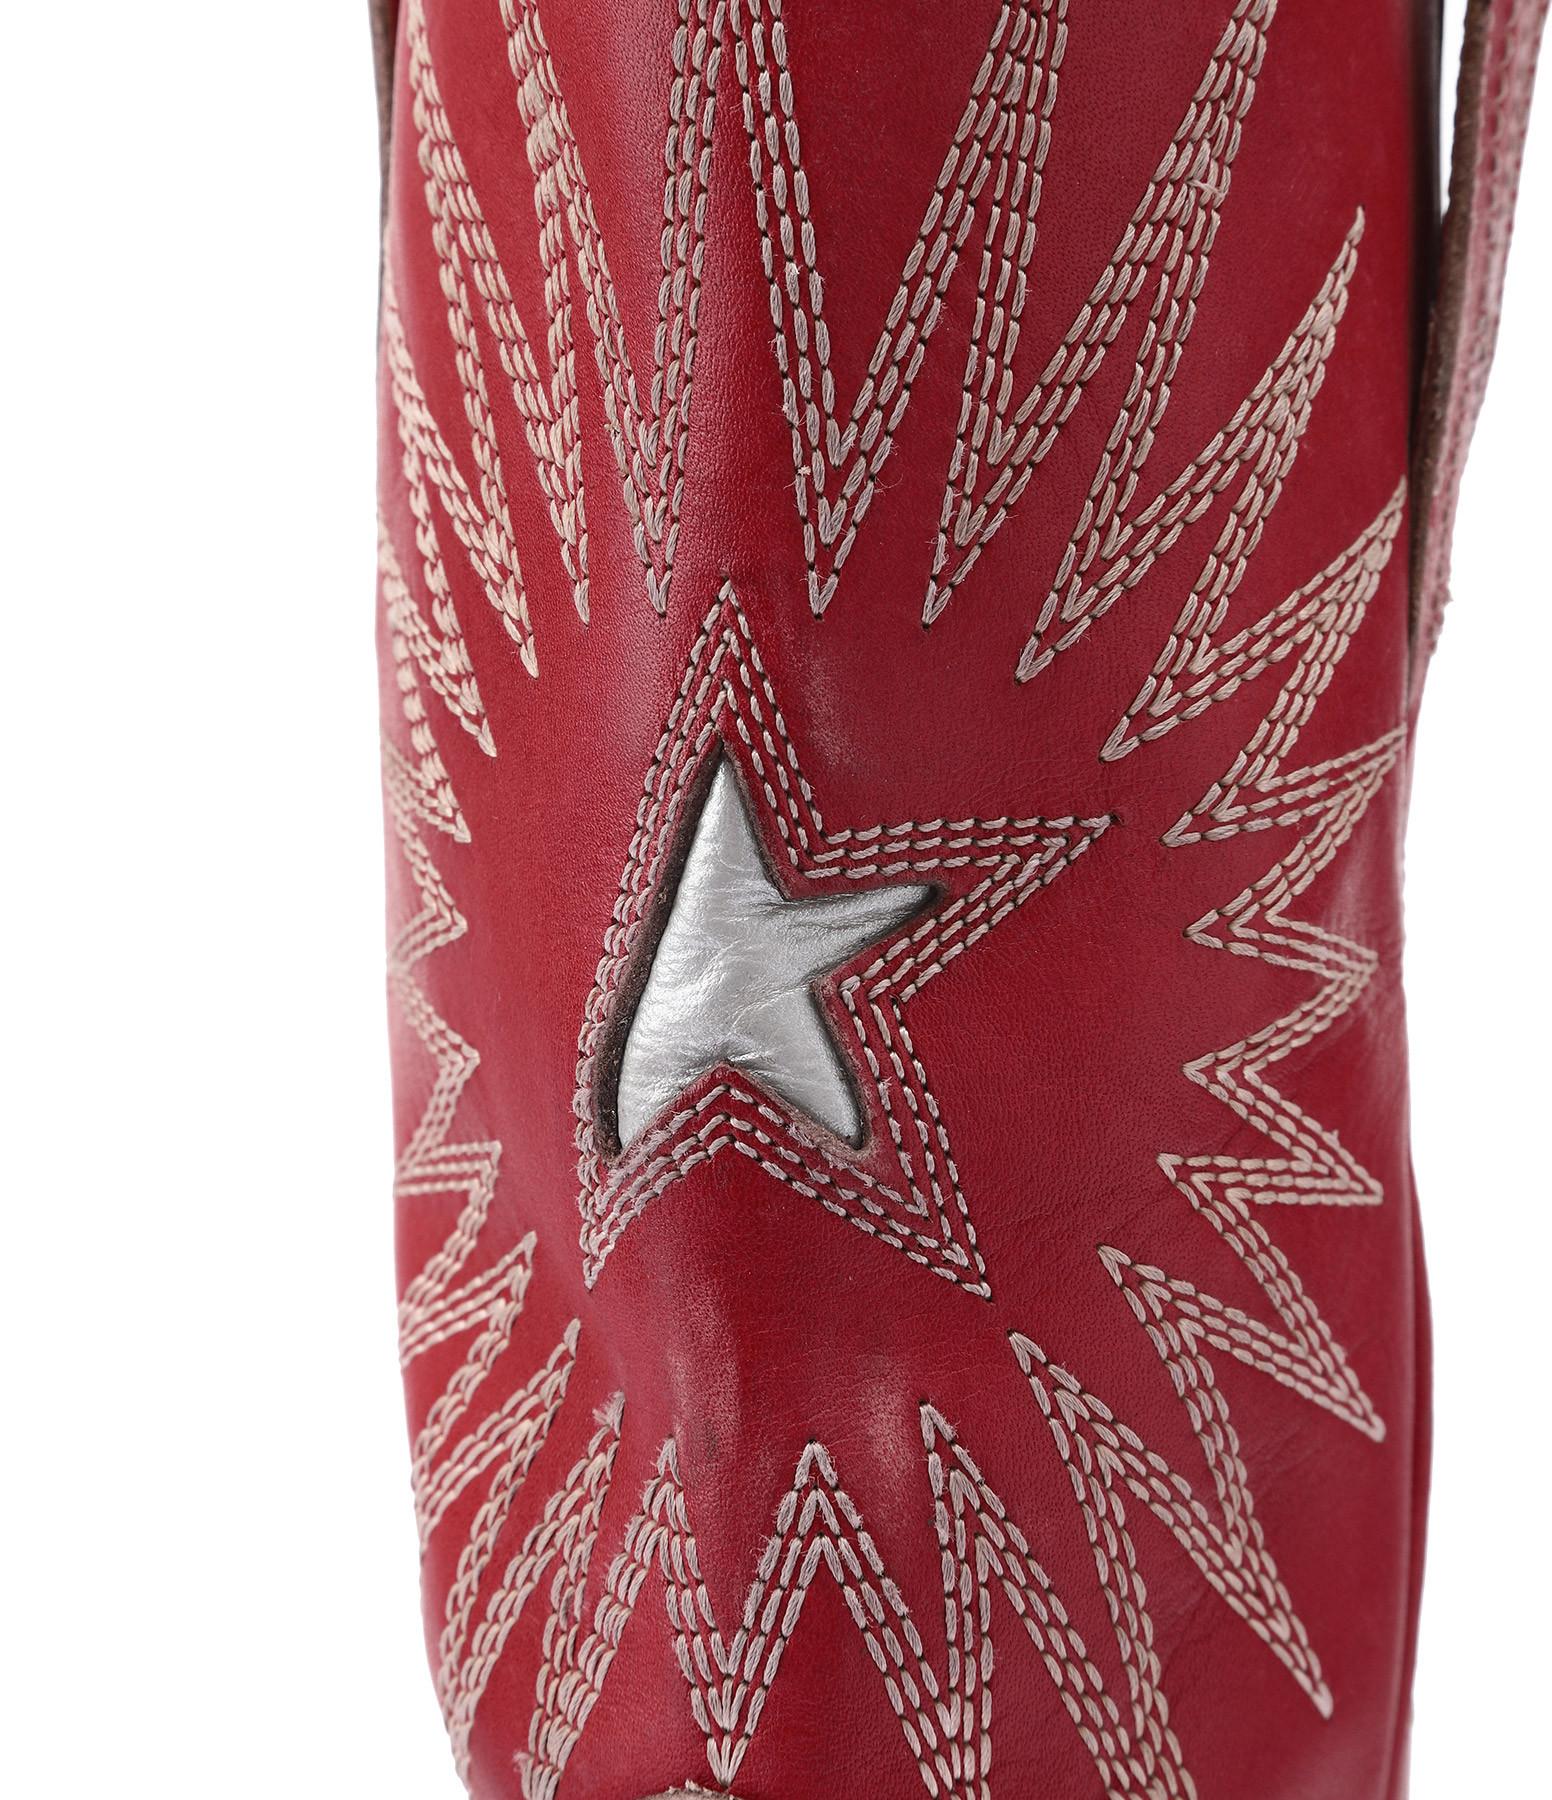 GOLDEN GOOSE - Bottes Wish Star Cuir Spritz Rouge